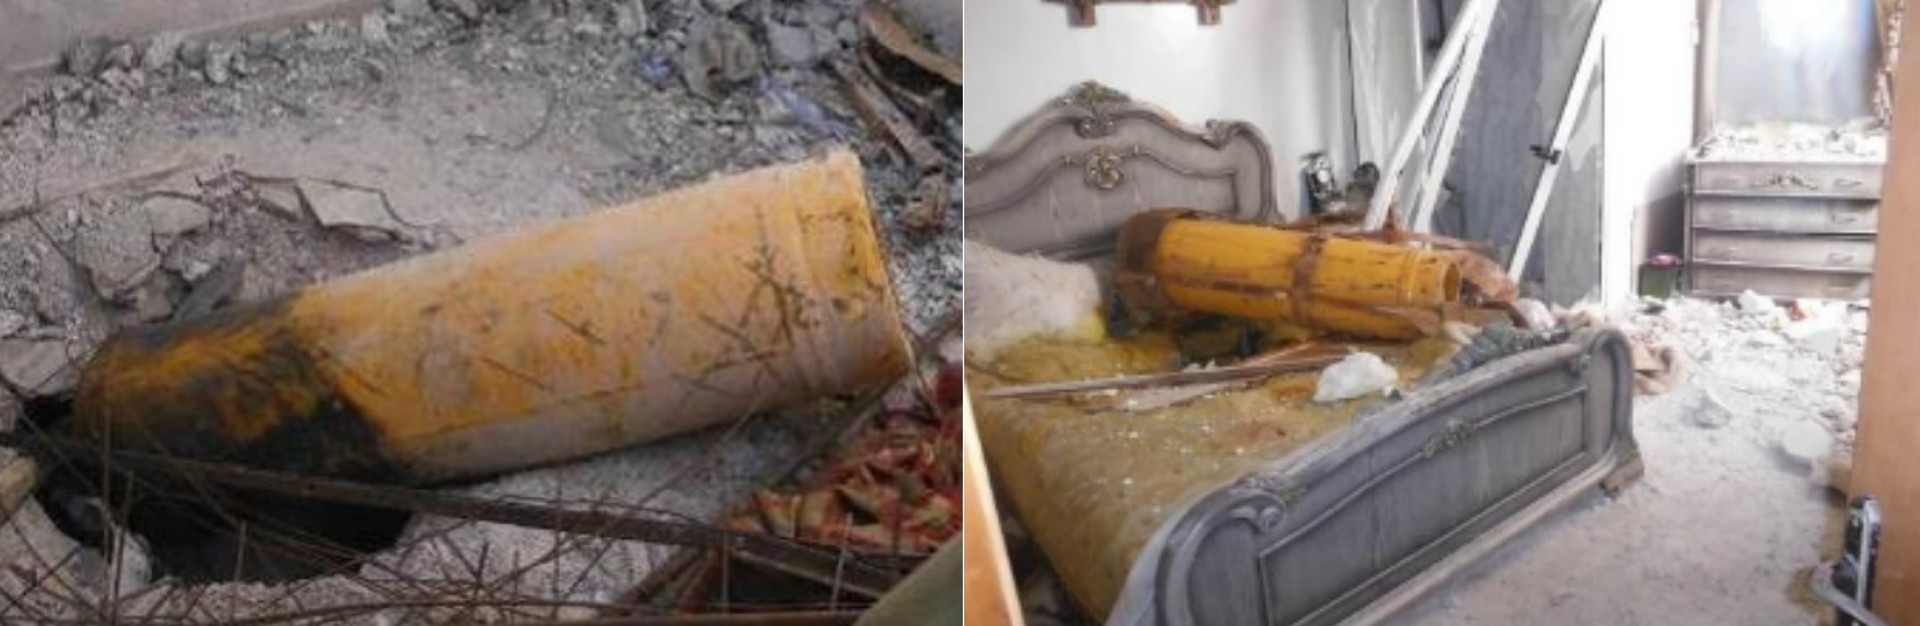 OPCW in Erklärungsnot: WikiLeaks veröffentlicht geheime Dokumente zu Giftgas in Syrien